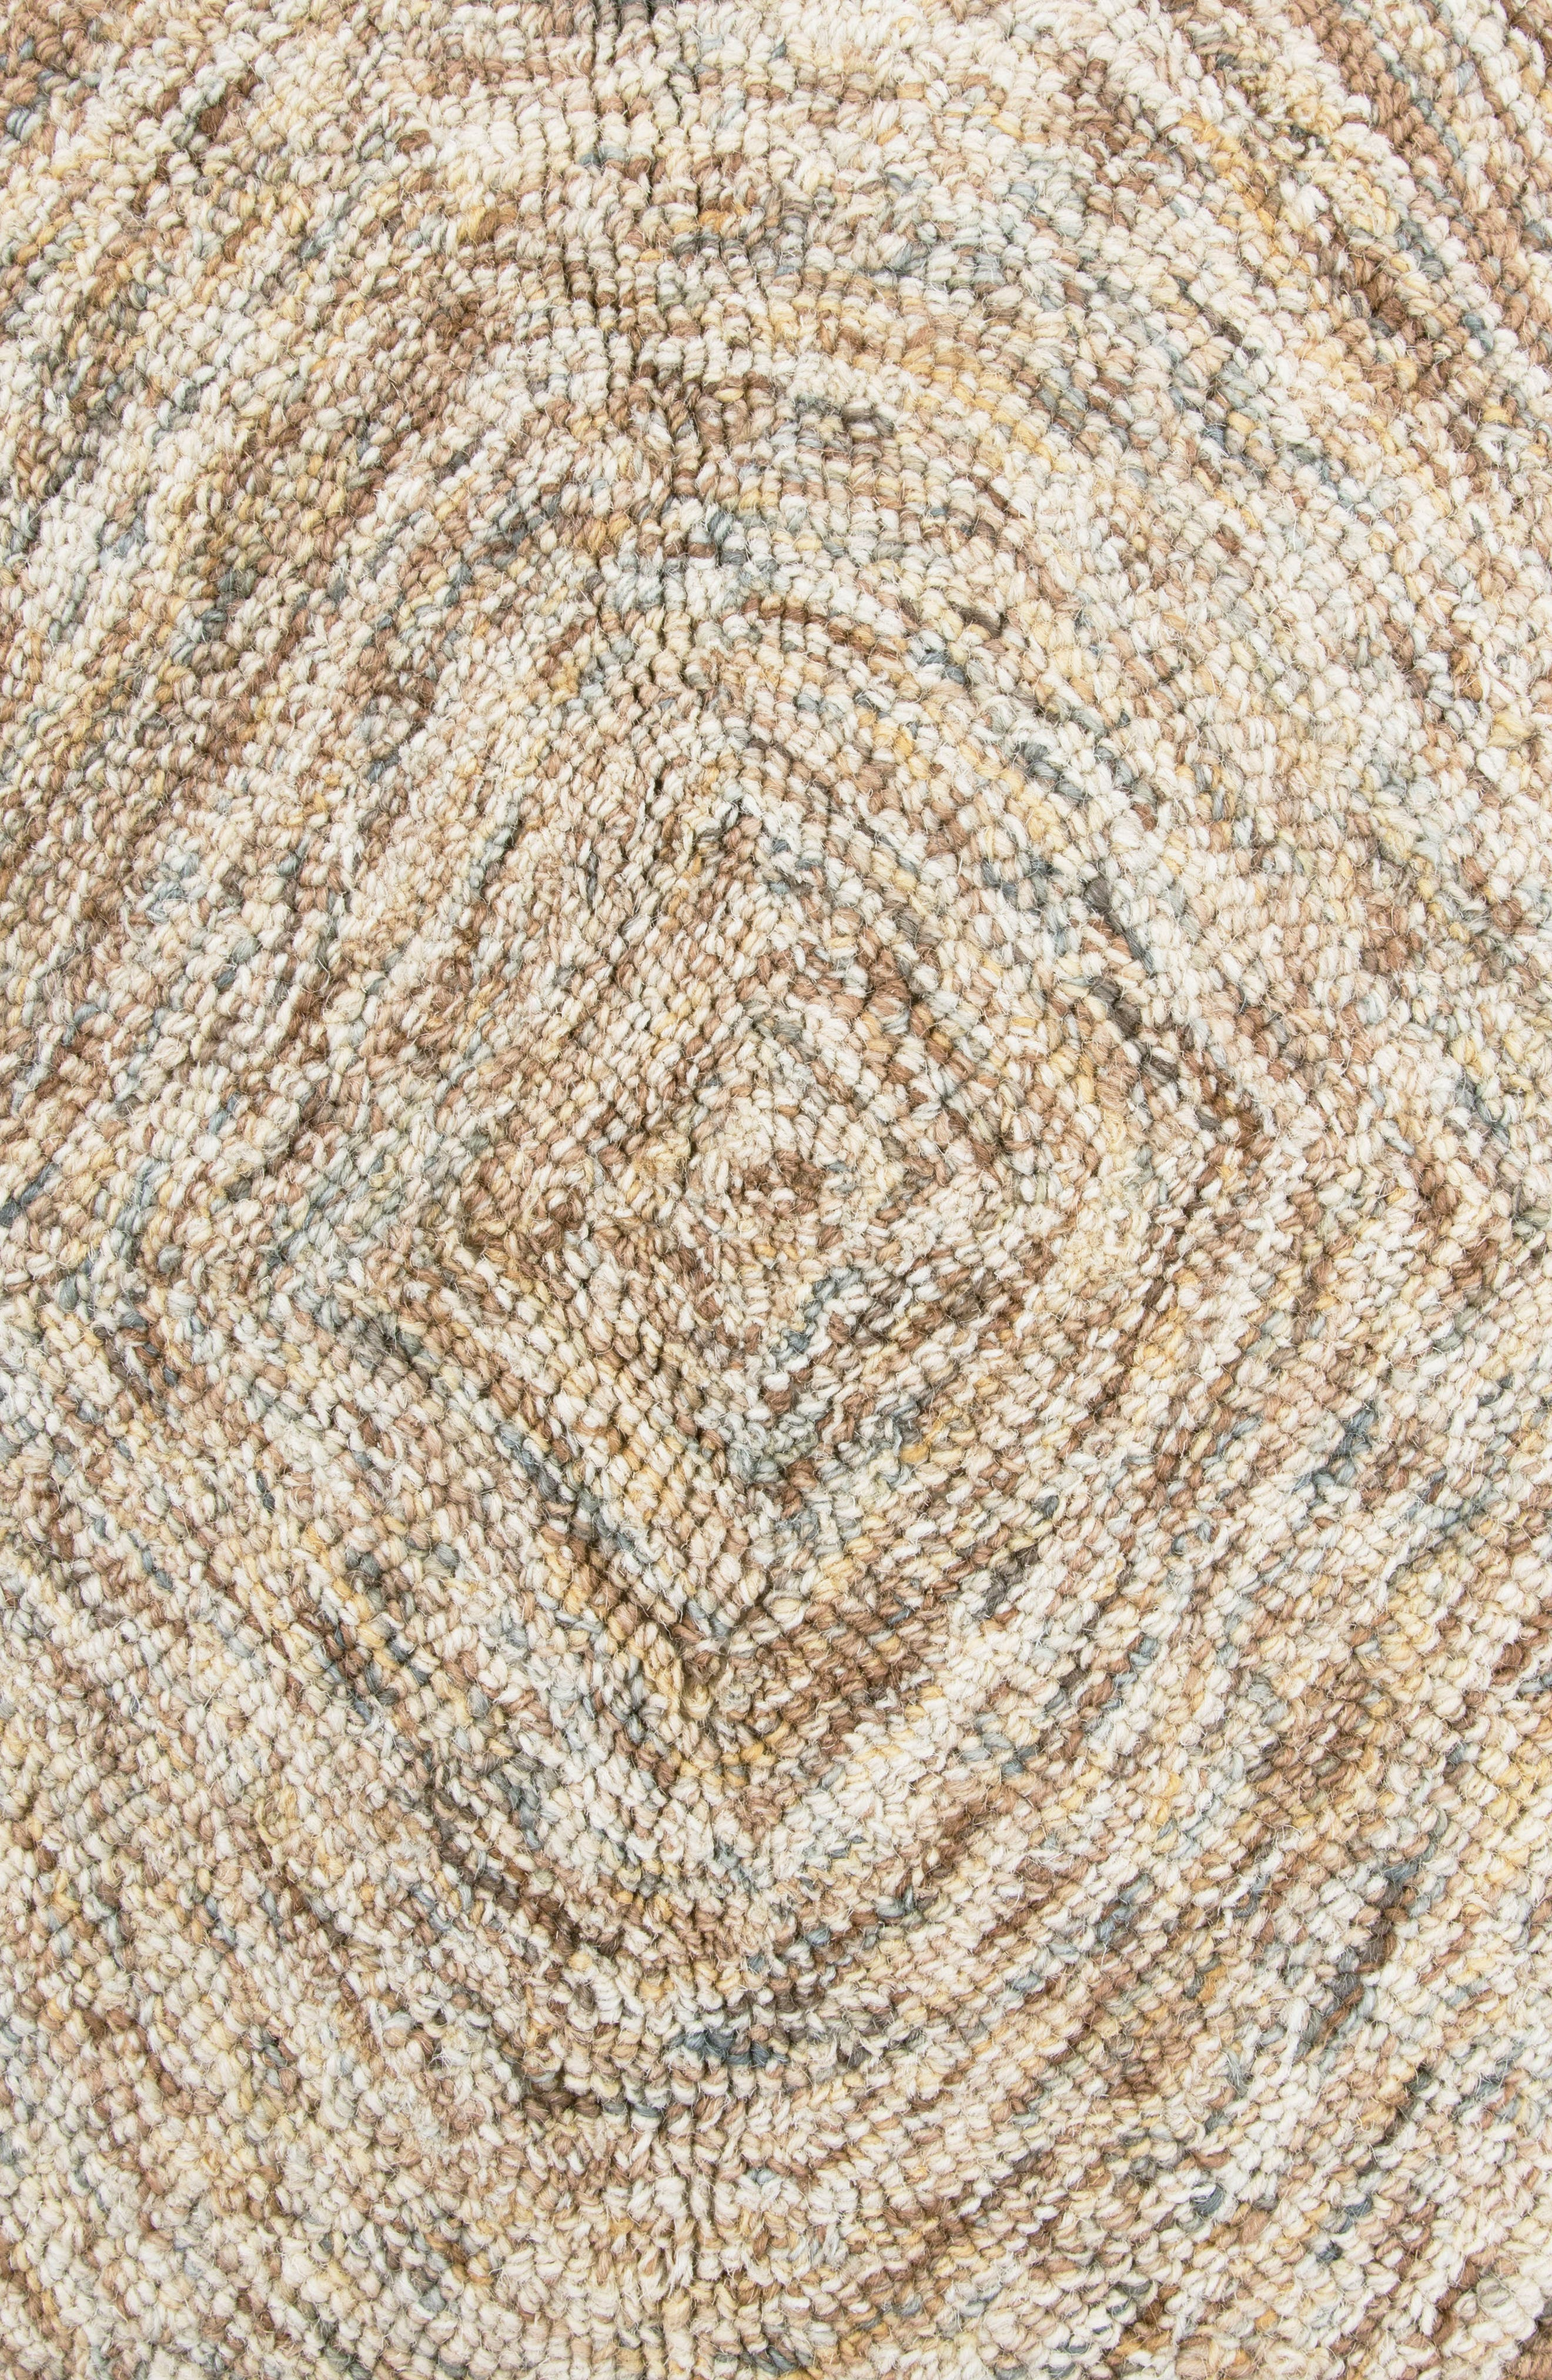 Irregular Diamond Hand Tufted Wool Area Rug,                             Alternate thumbnail 2, color,                             200